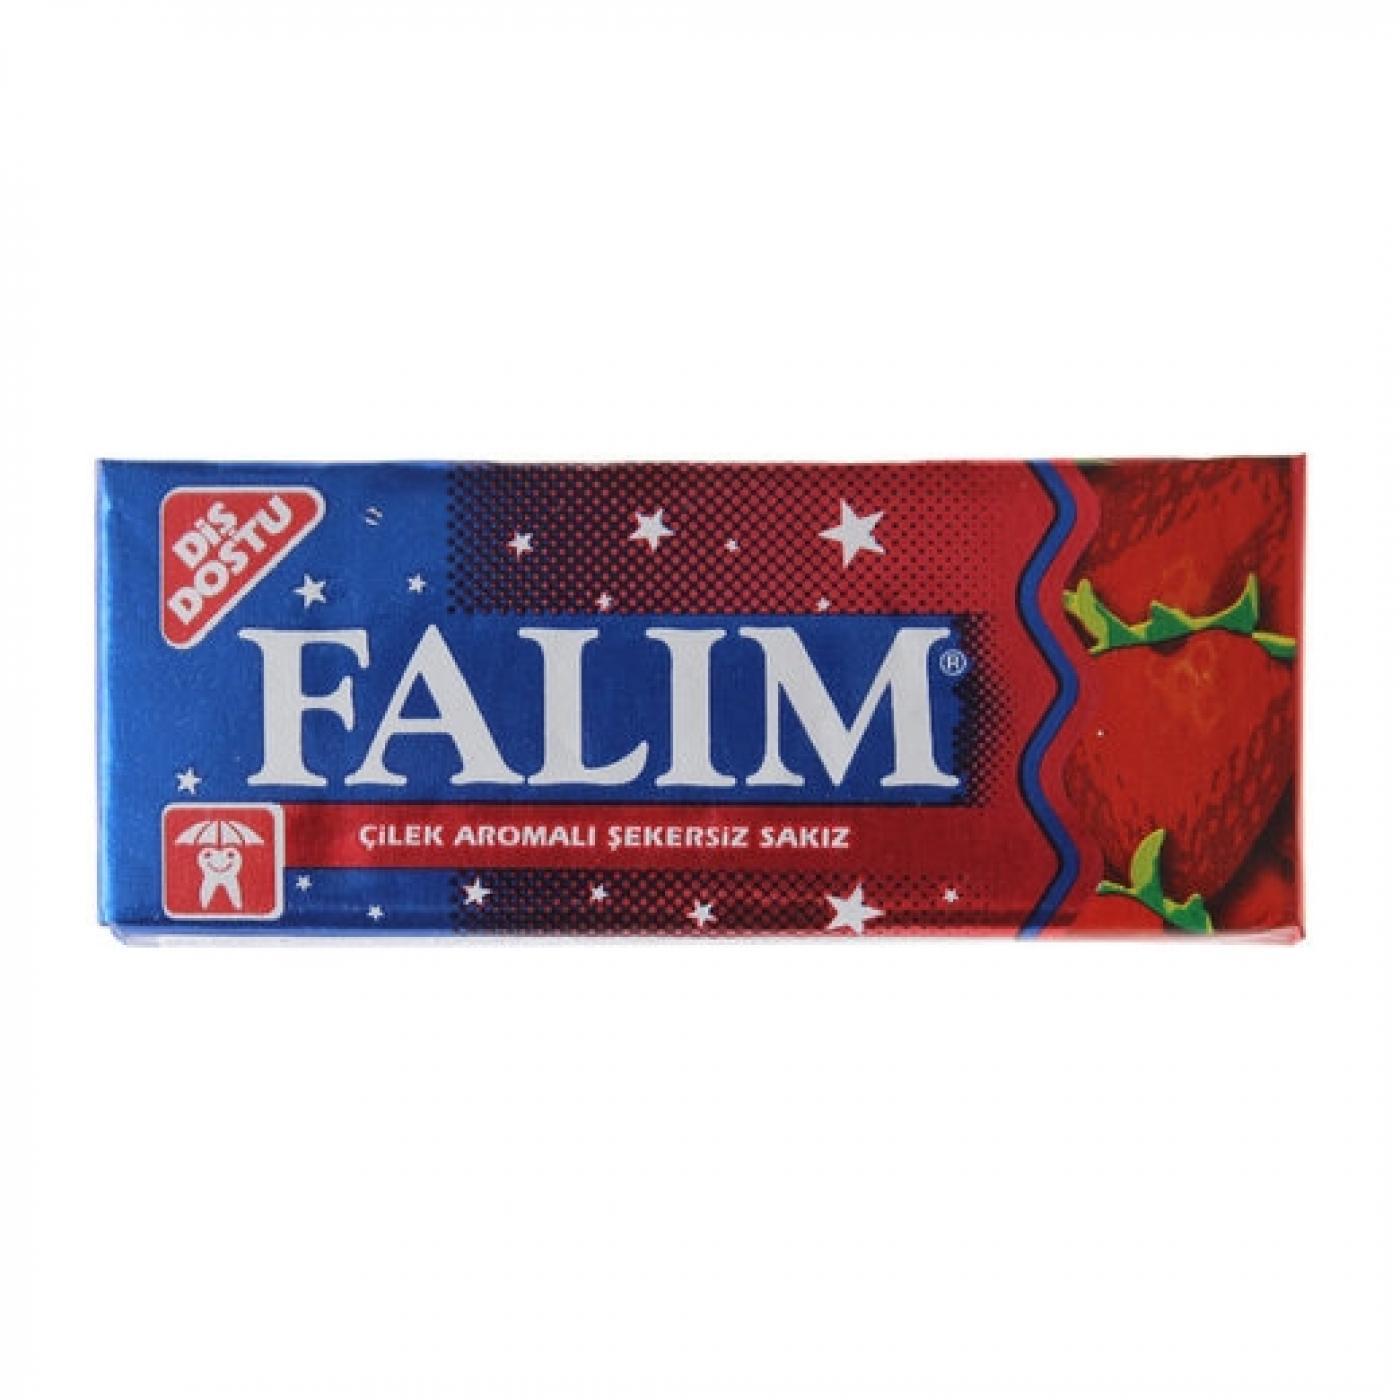 FALIM 5Lİ ÇİLEK